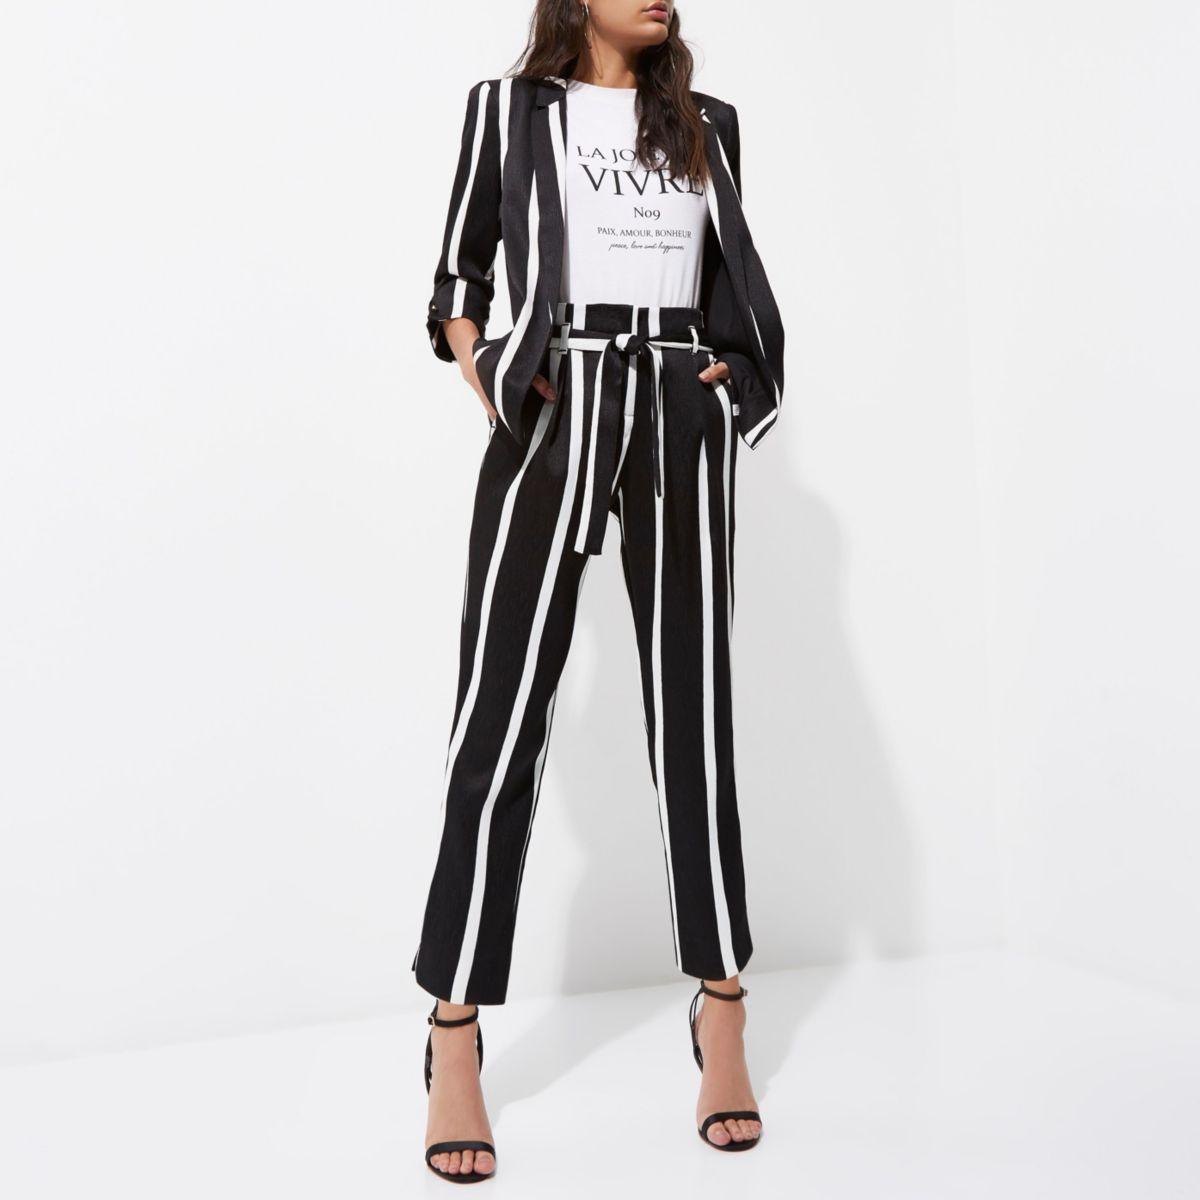 Zwarte smaltoelopende broek met strikceintuur en strepenprint